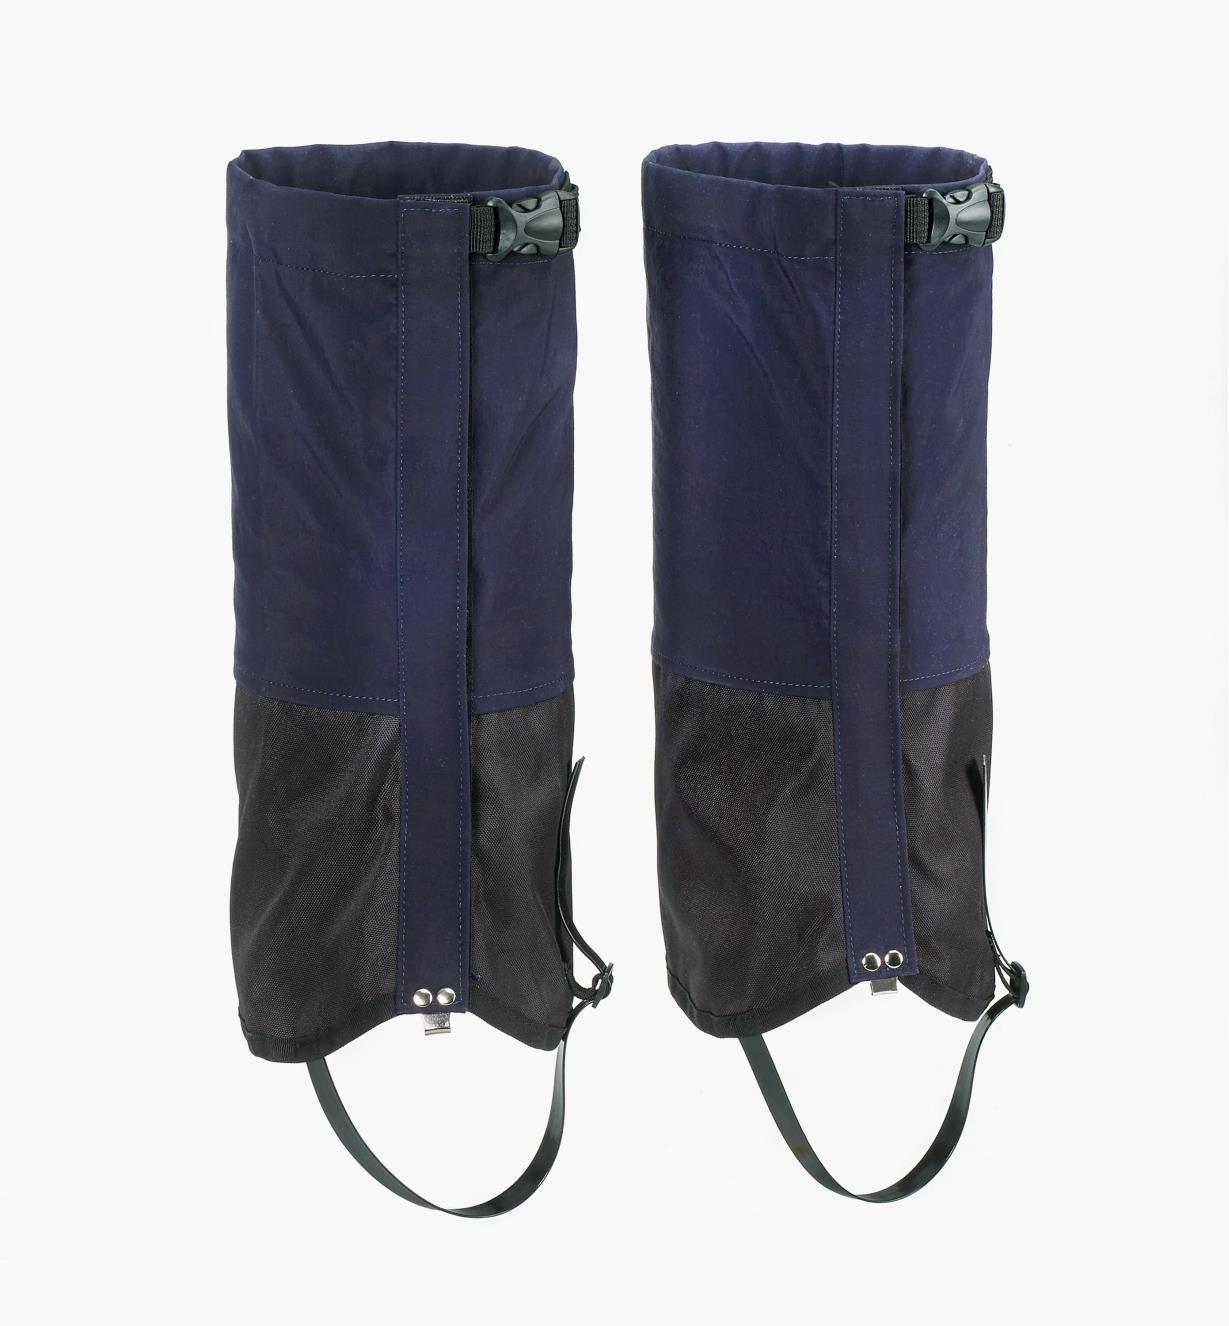 09A2080 - Nylon Gaiters, pair